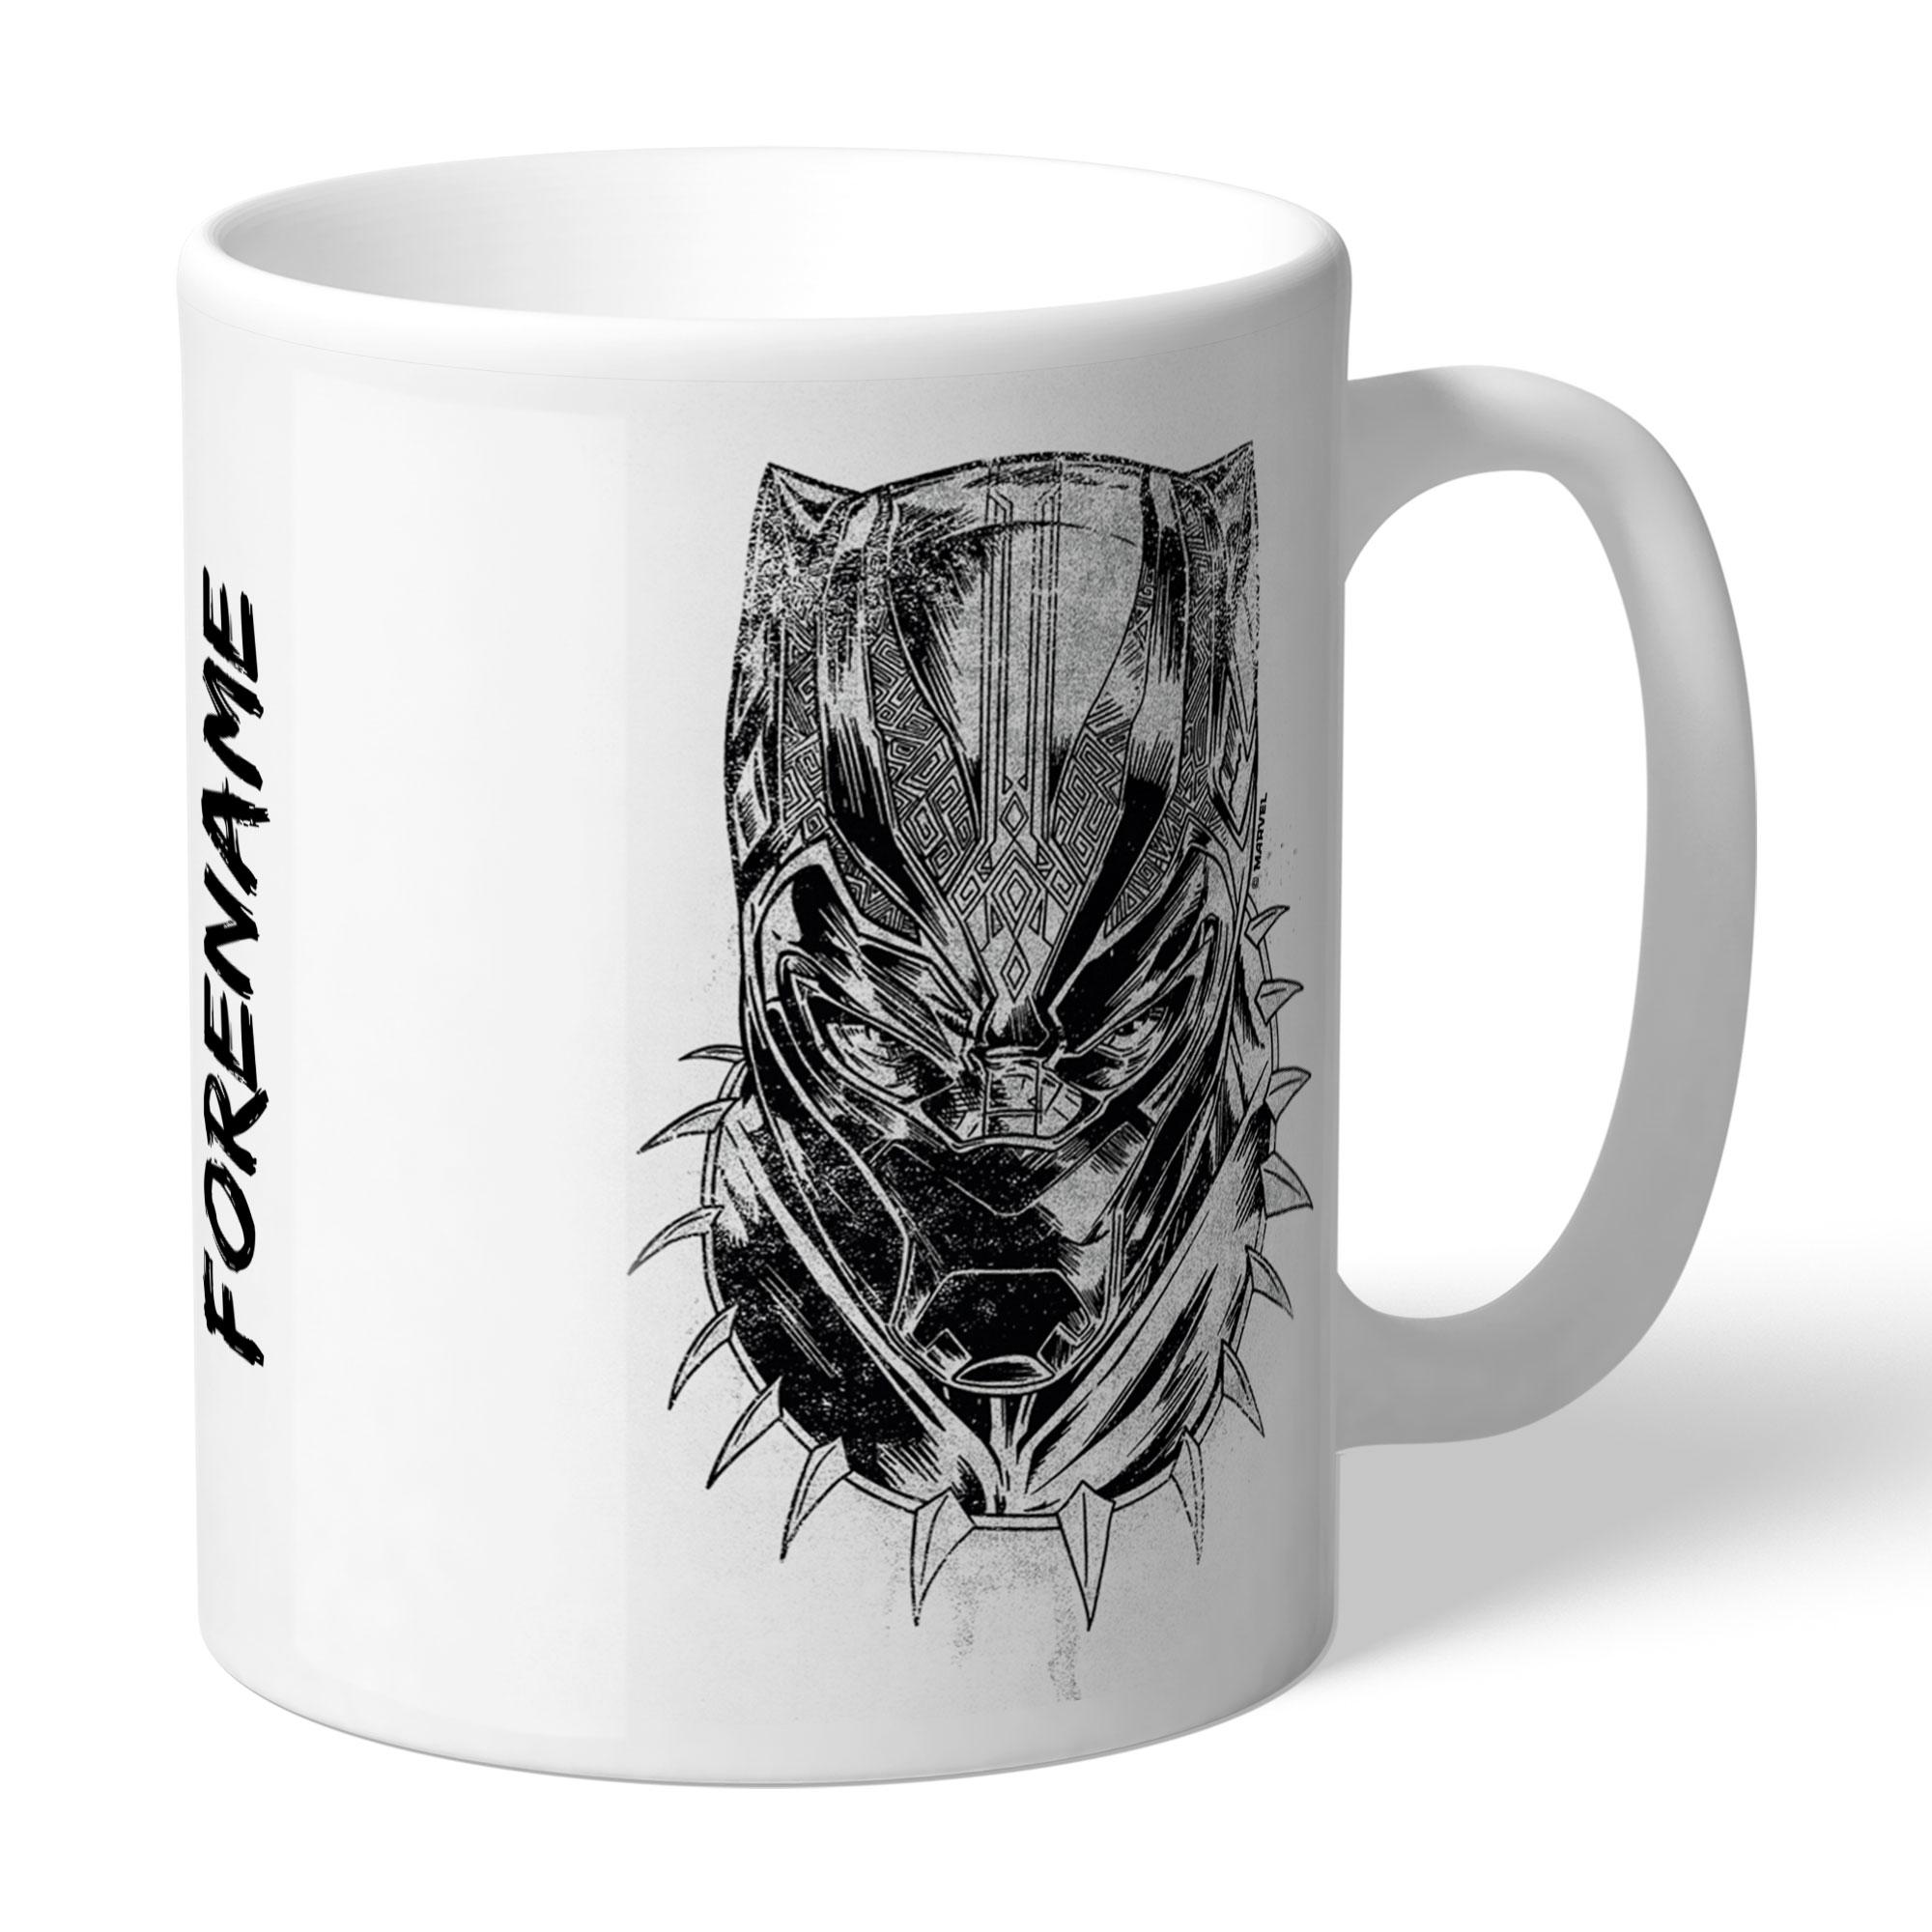 Marvel Black Panther Sketch Mug